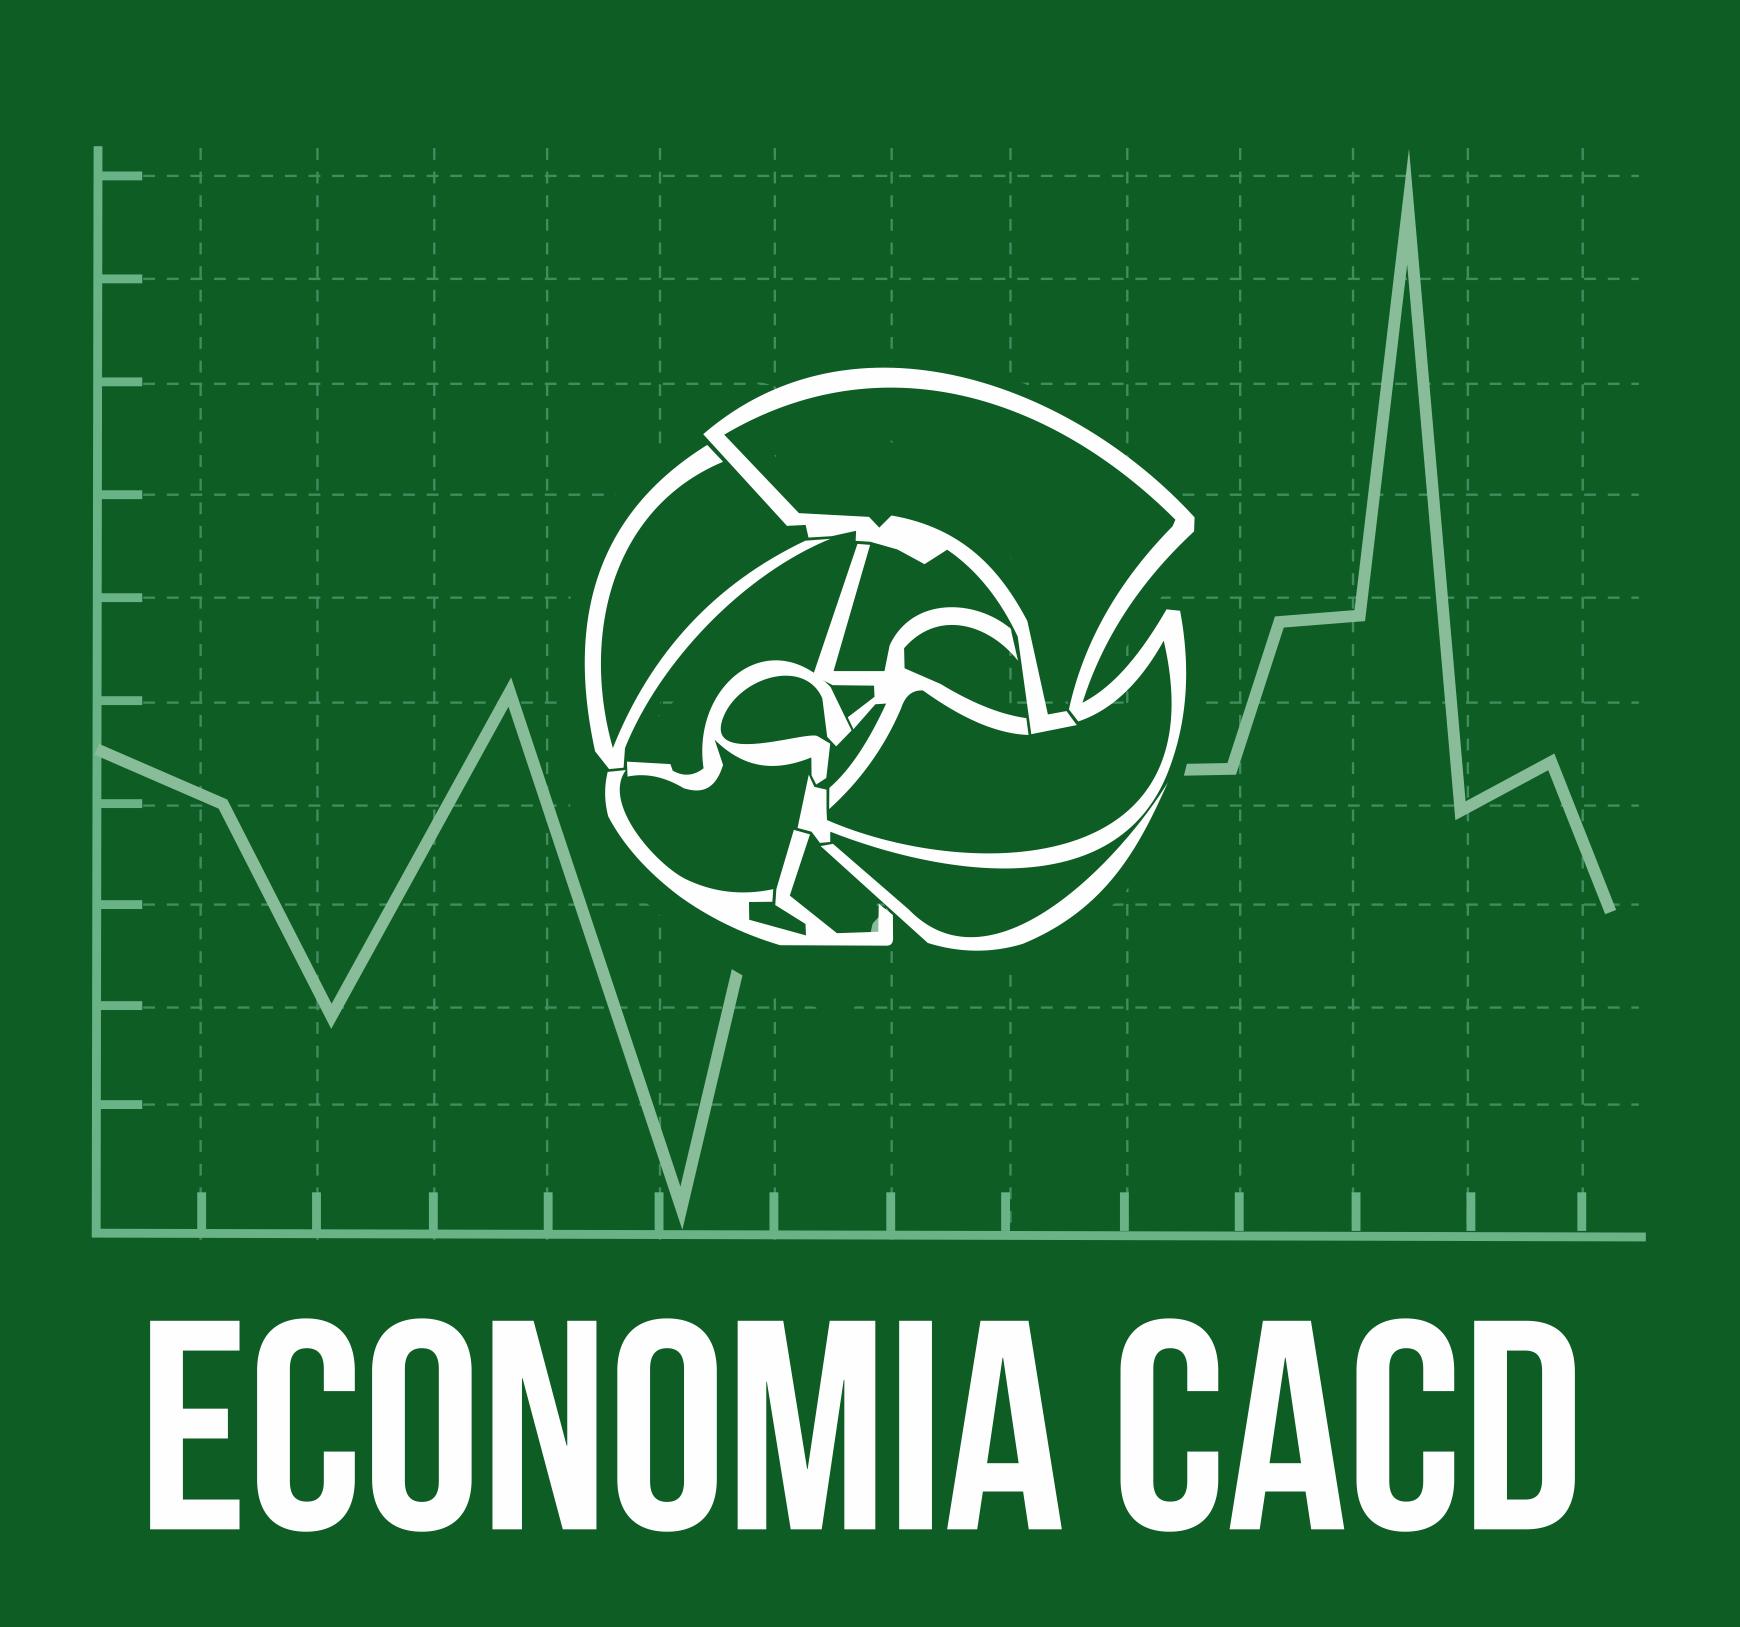 Economia CACD